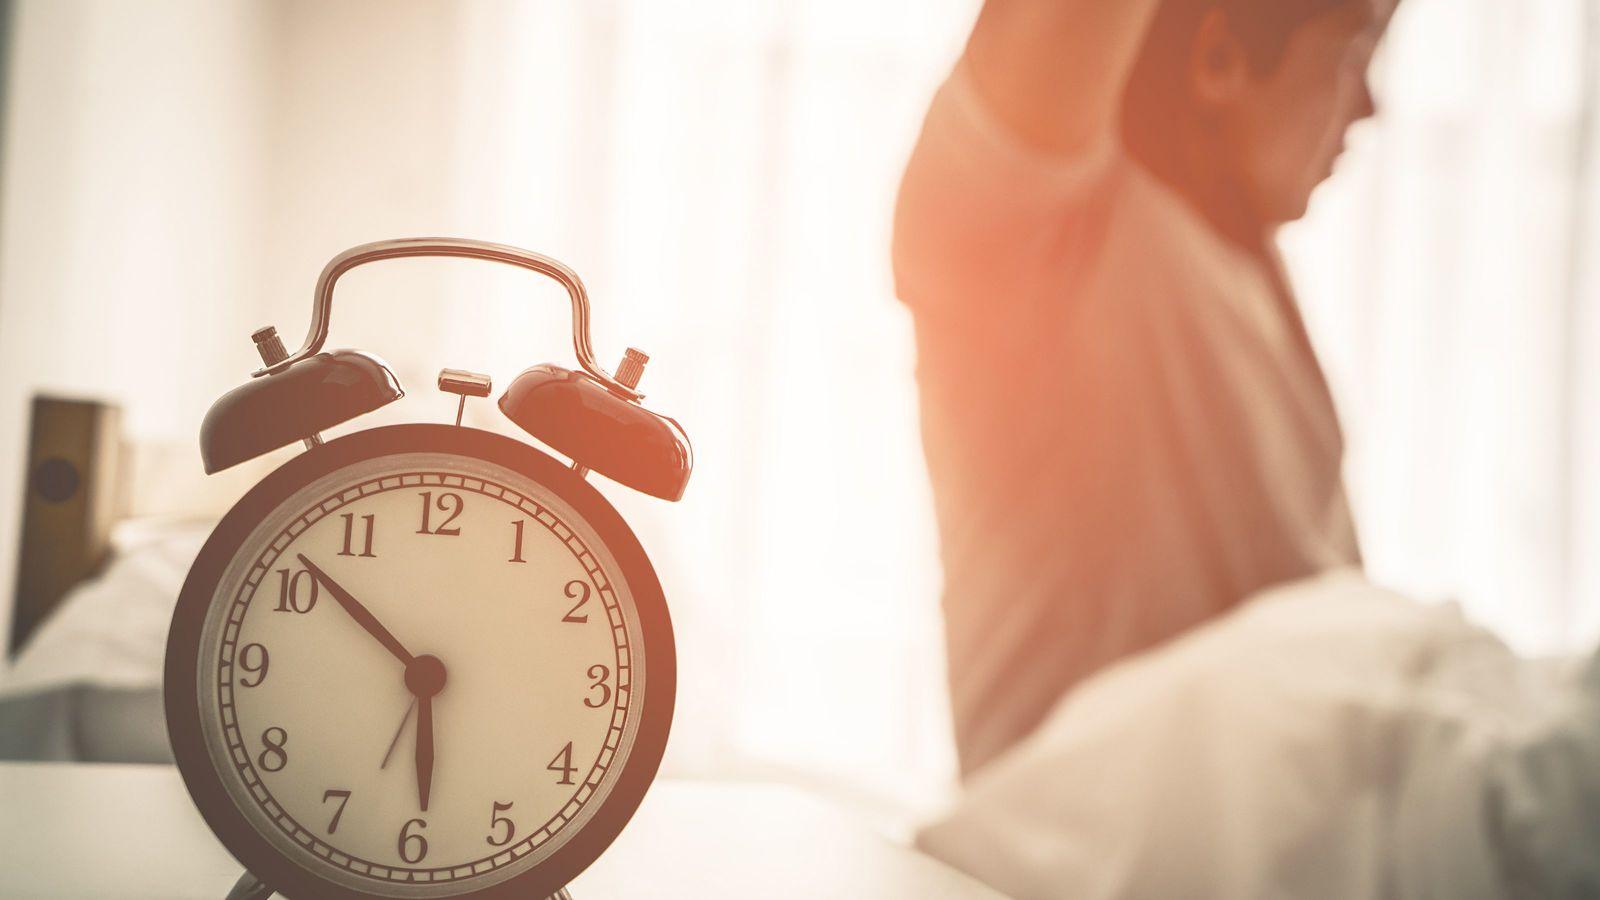 「ギリギリまで寝て遅刻」を一発で直す朝の極意 早起きしたくなる「お楽しみ」を作る